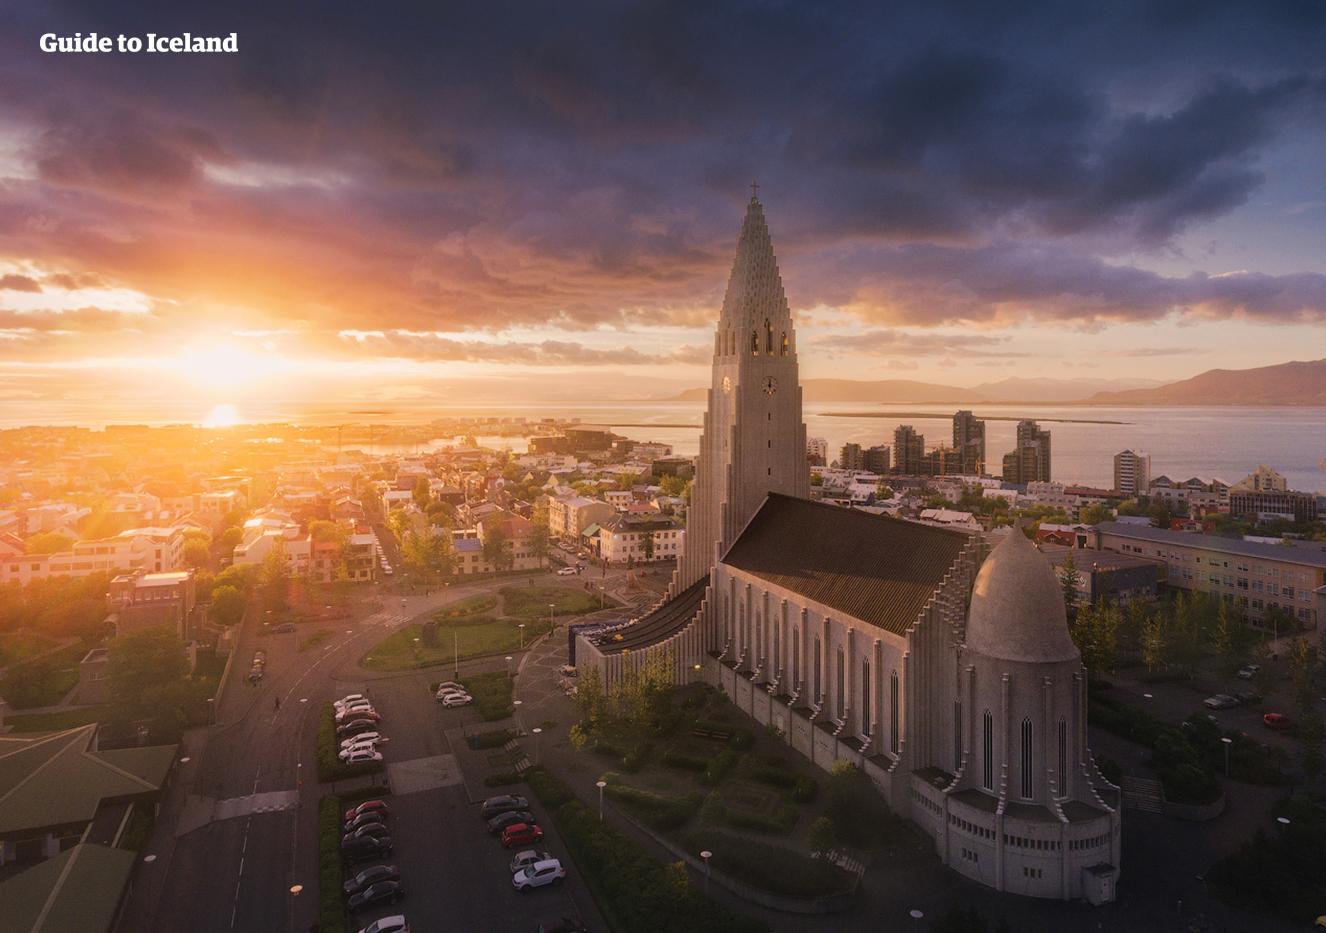 午夜阳光下的哈尔格林姆斯大教堂